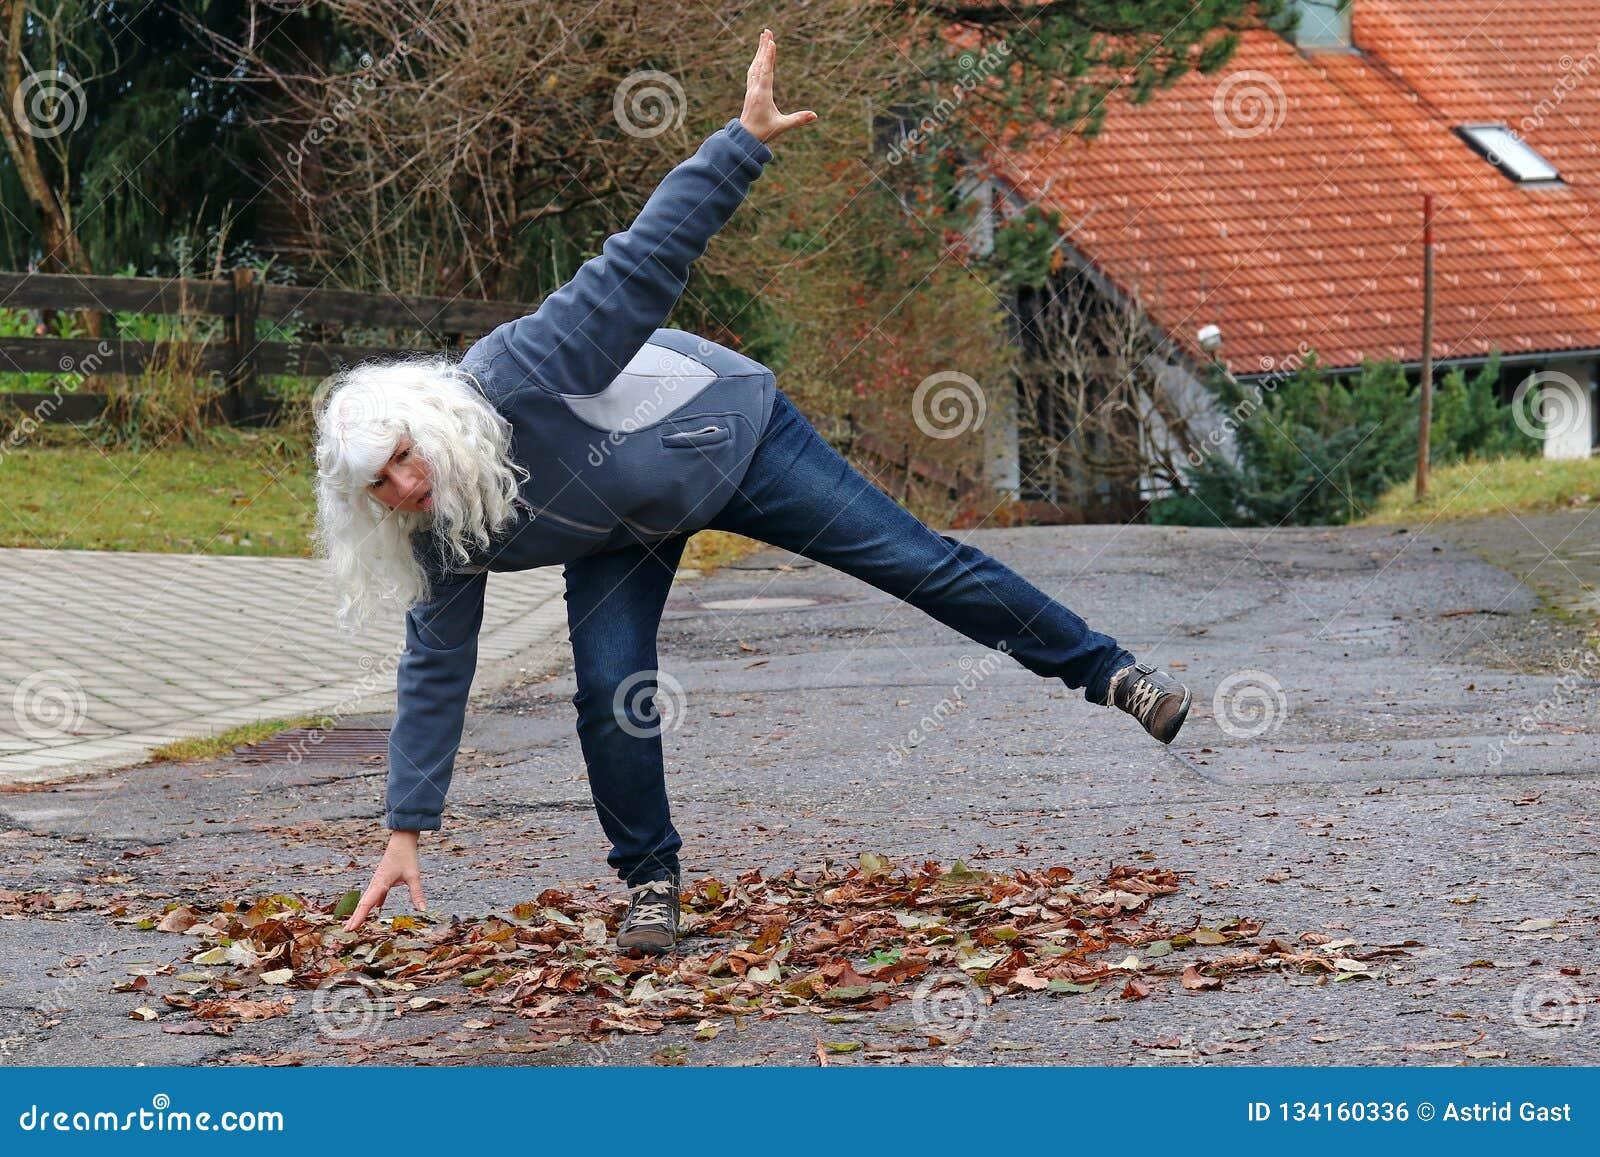 Gevaar in de herfst Een vrouw glijdt op een weg op natte bladeren uit